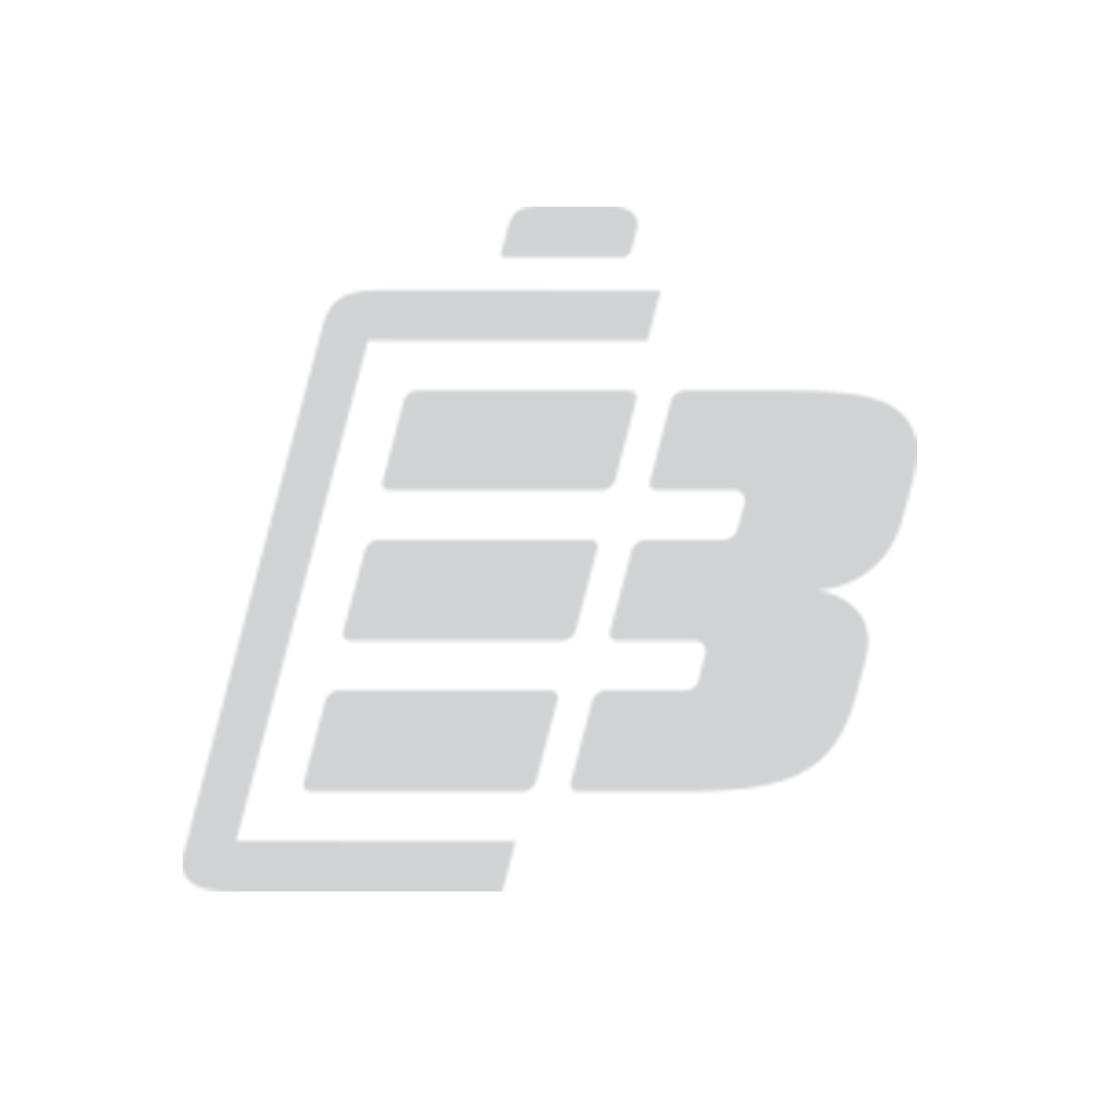 Smartwatch battery Garmin Forerunner 210_1